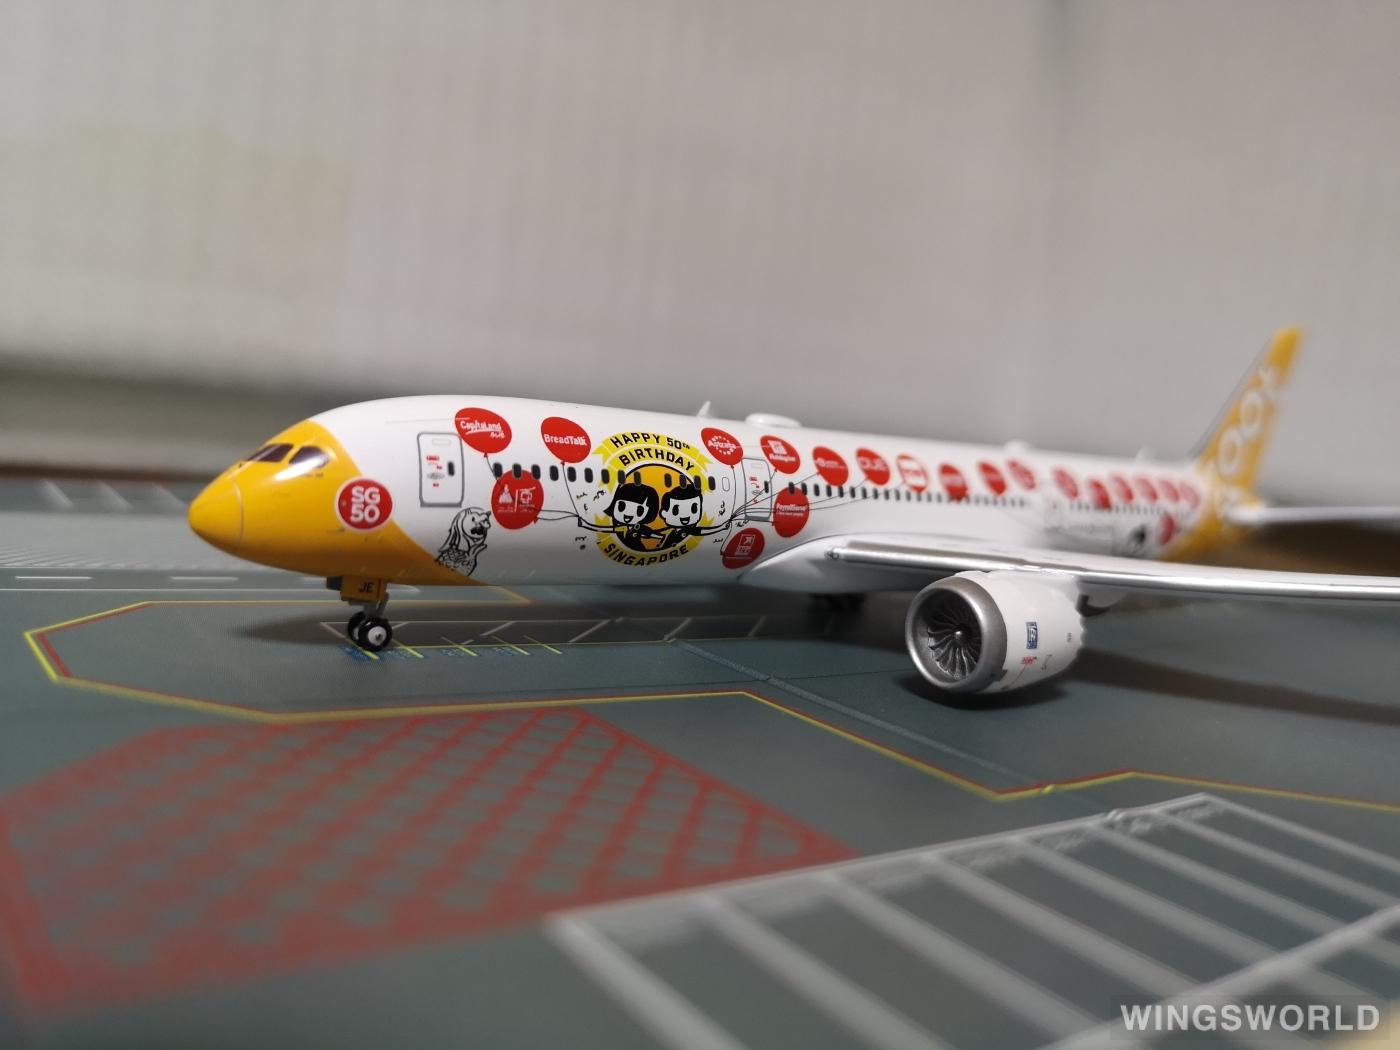 JC Wings 1:400 XX4911 Scoot 酷航 Boeing 787-9 9V-OJE